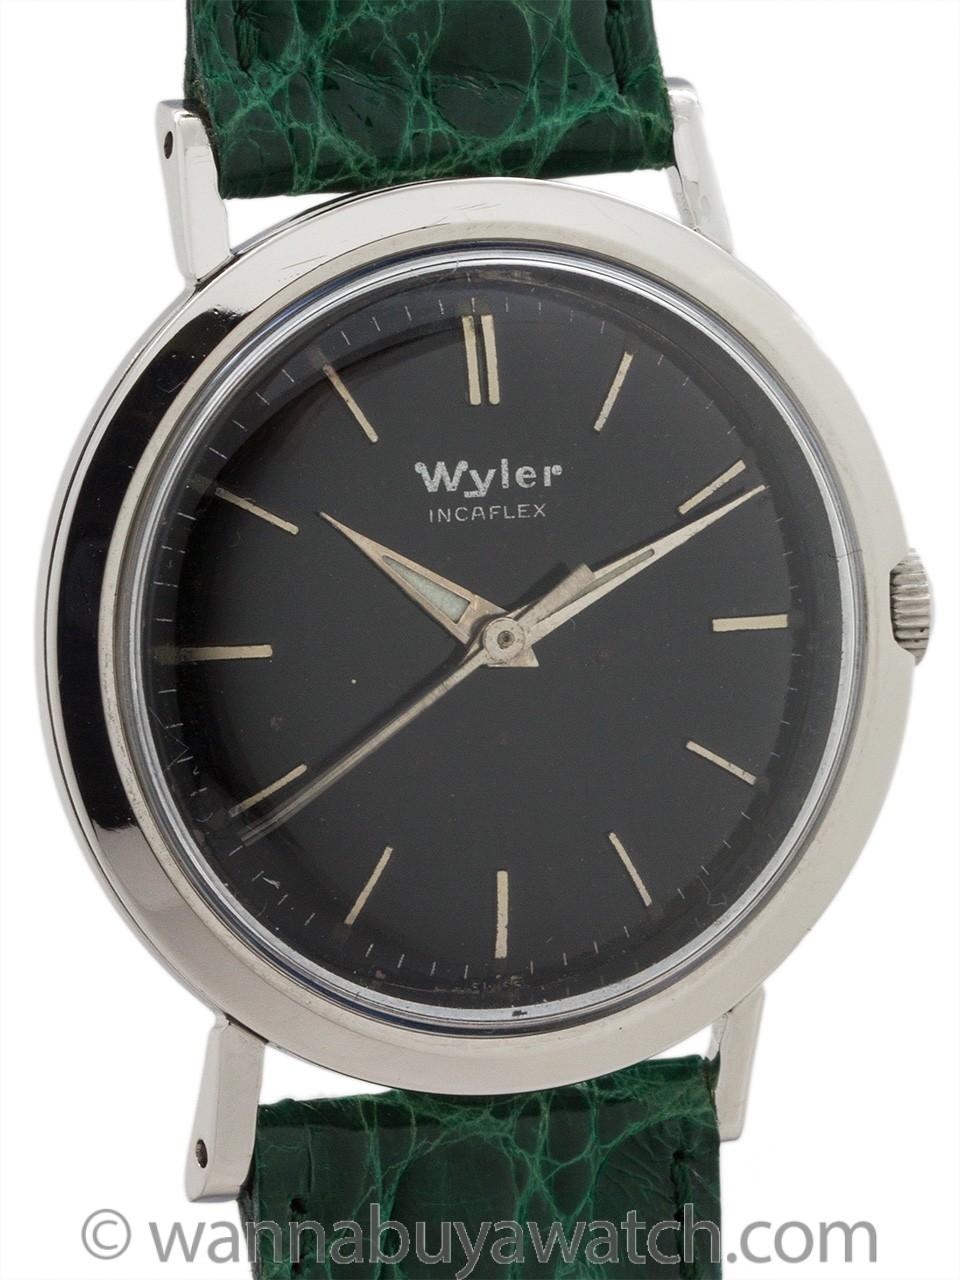 Wyler Incaflex Stainless Steel circa 1960